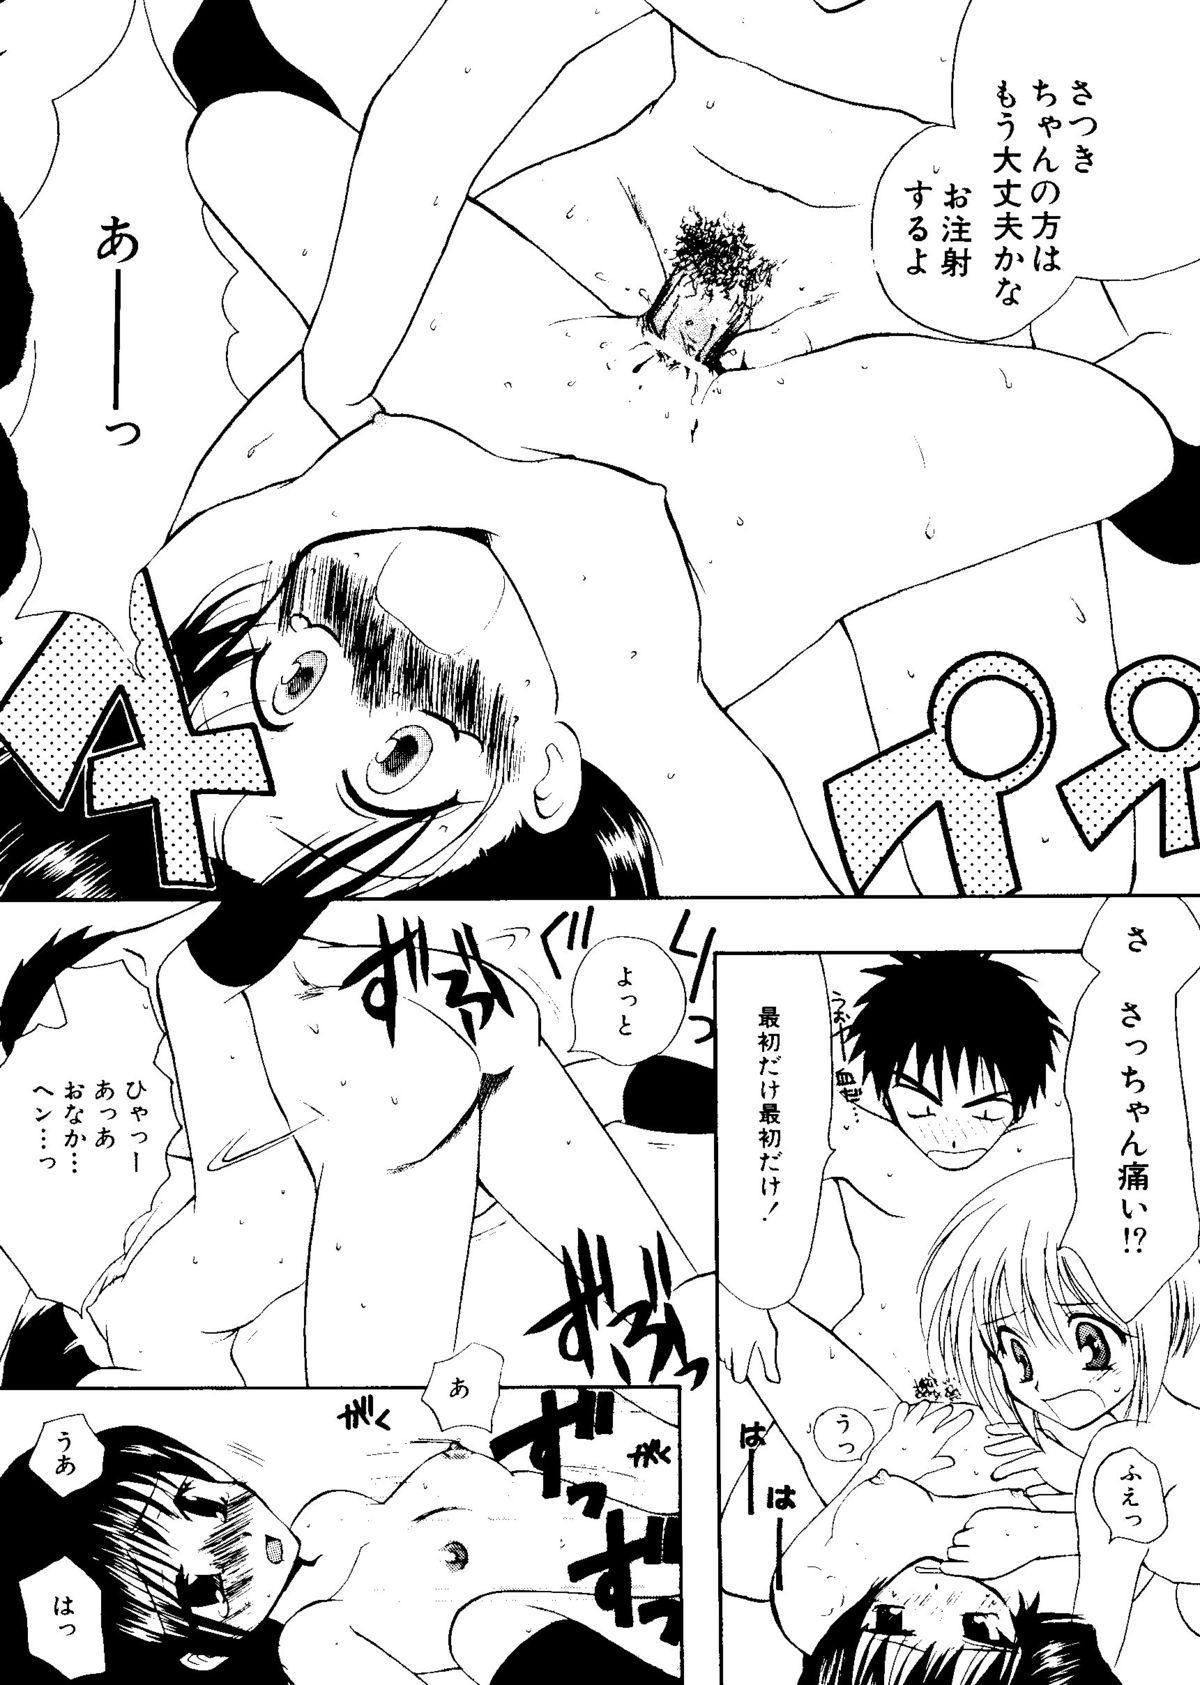 Mujirushi Youhin Vol. 7 72